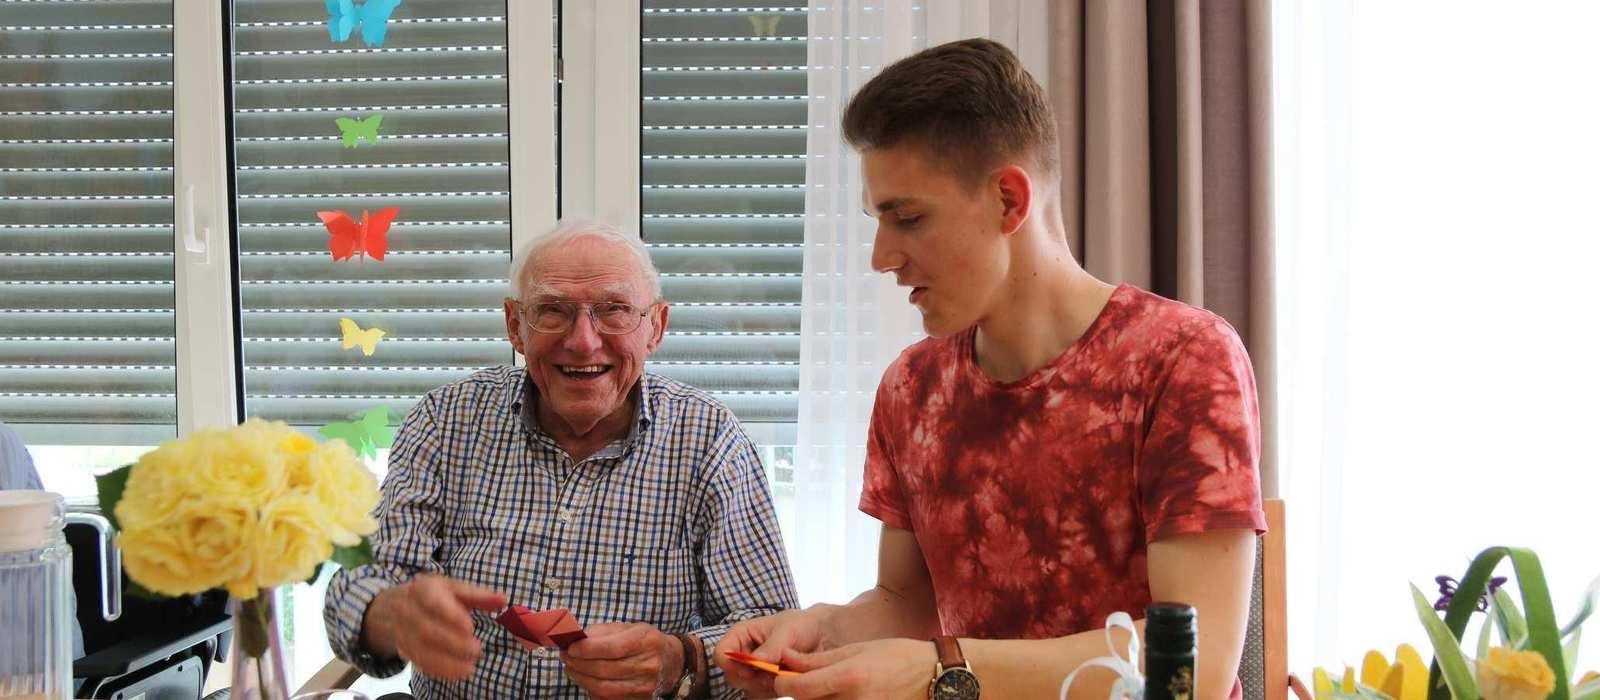 Ein älterer Bewohner und ein junger Mann sitzen an einem Tisch und spielen Karten.